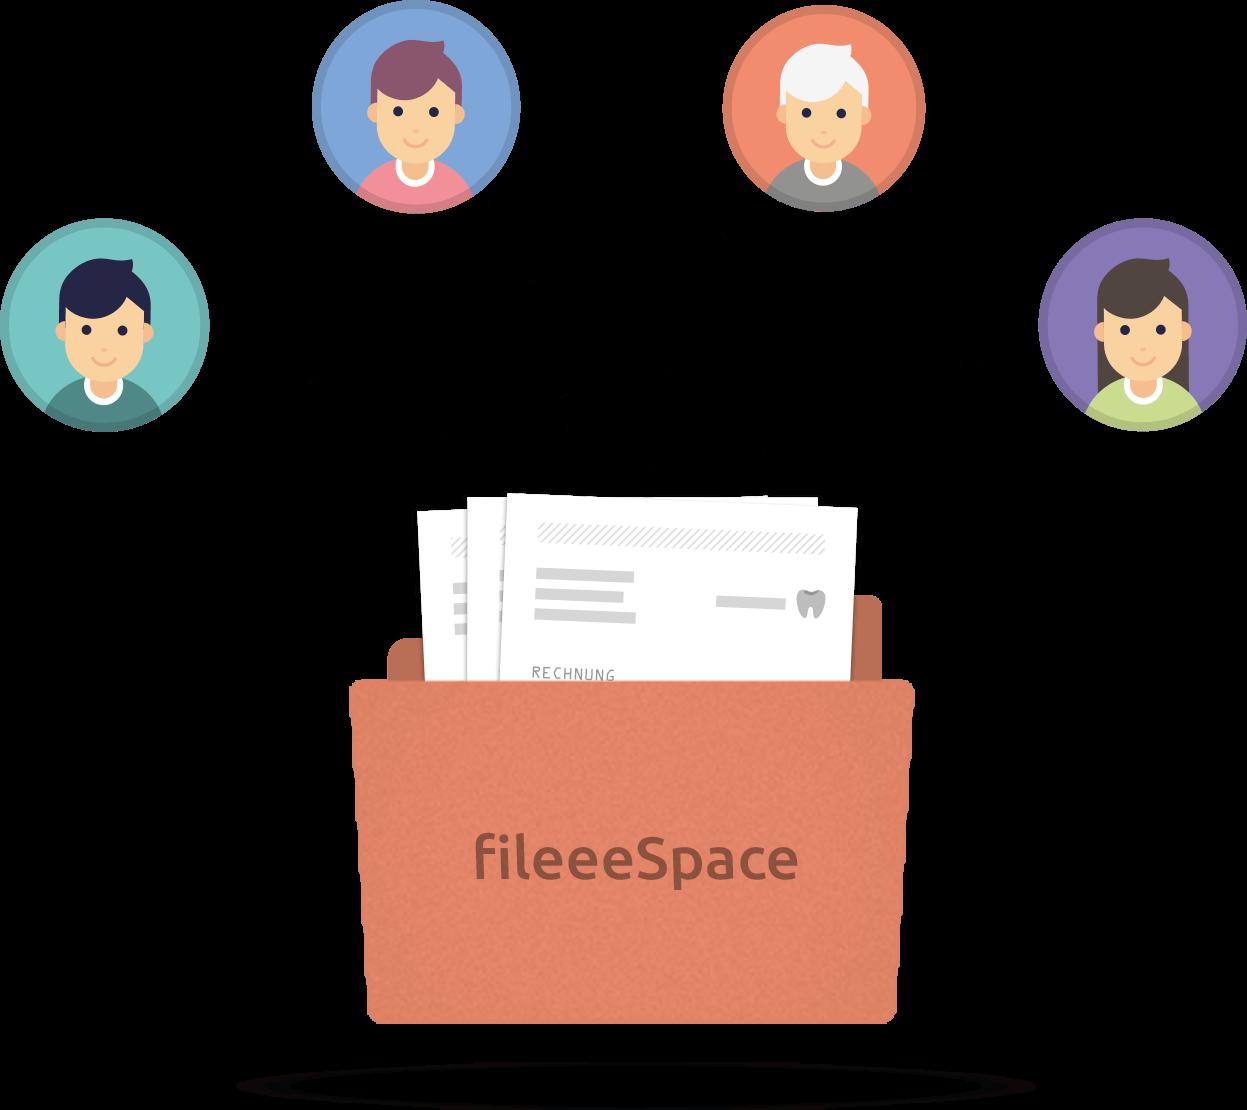 Logo fileeeSpaces